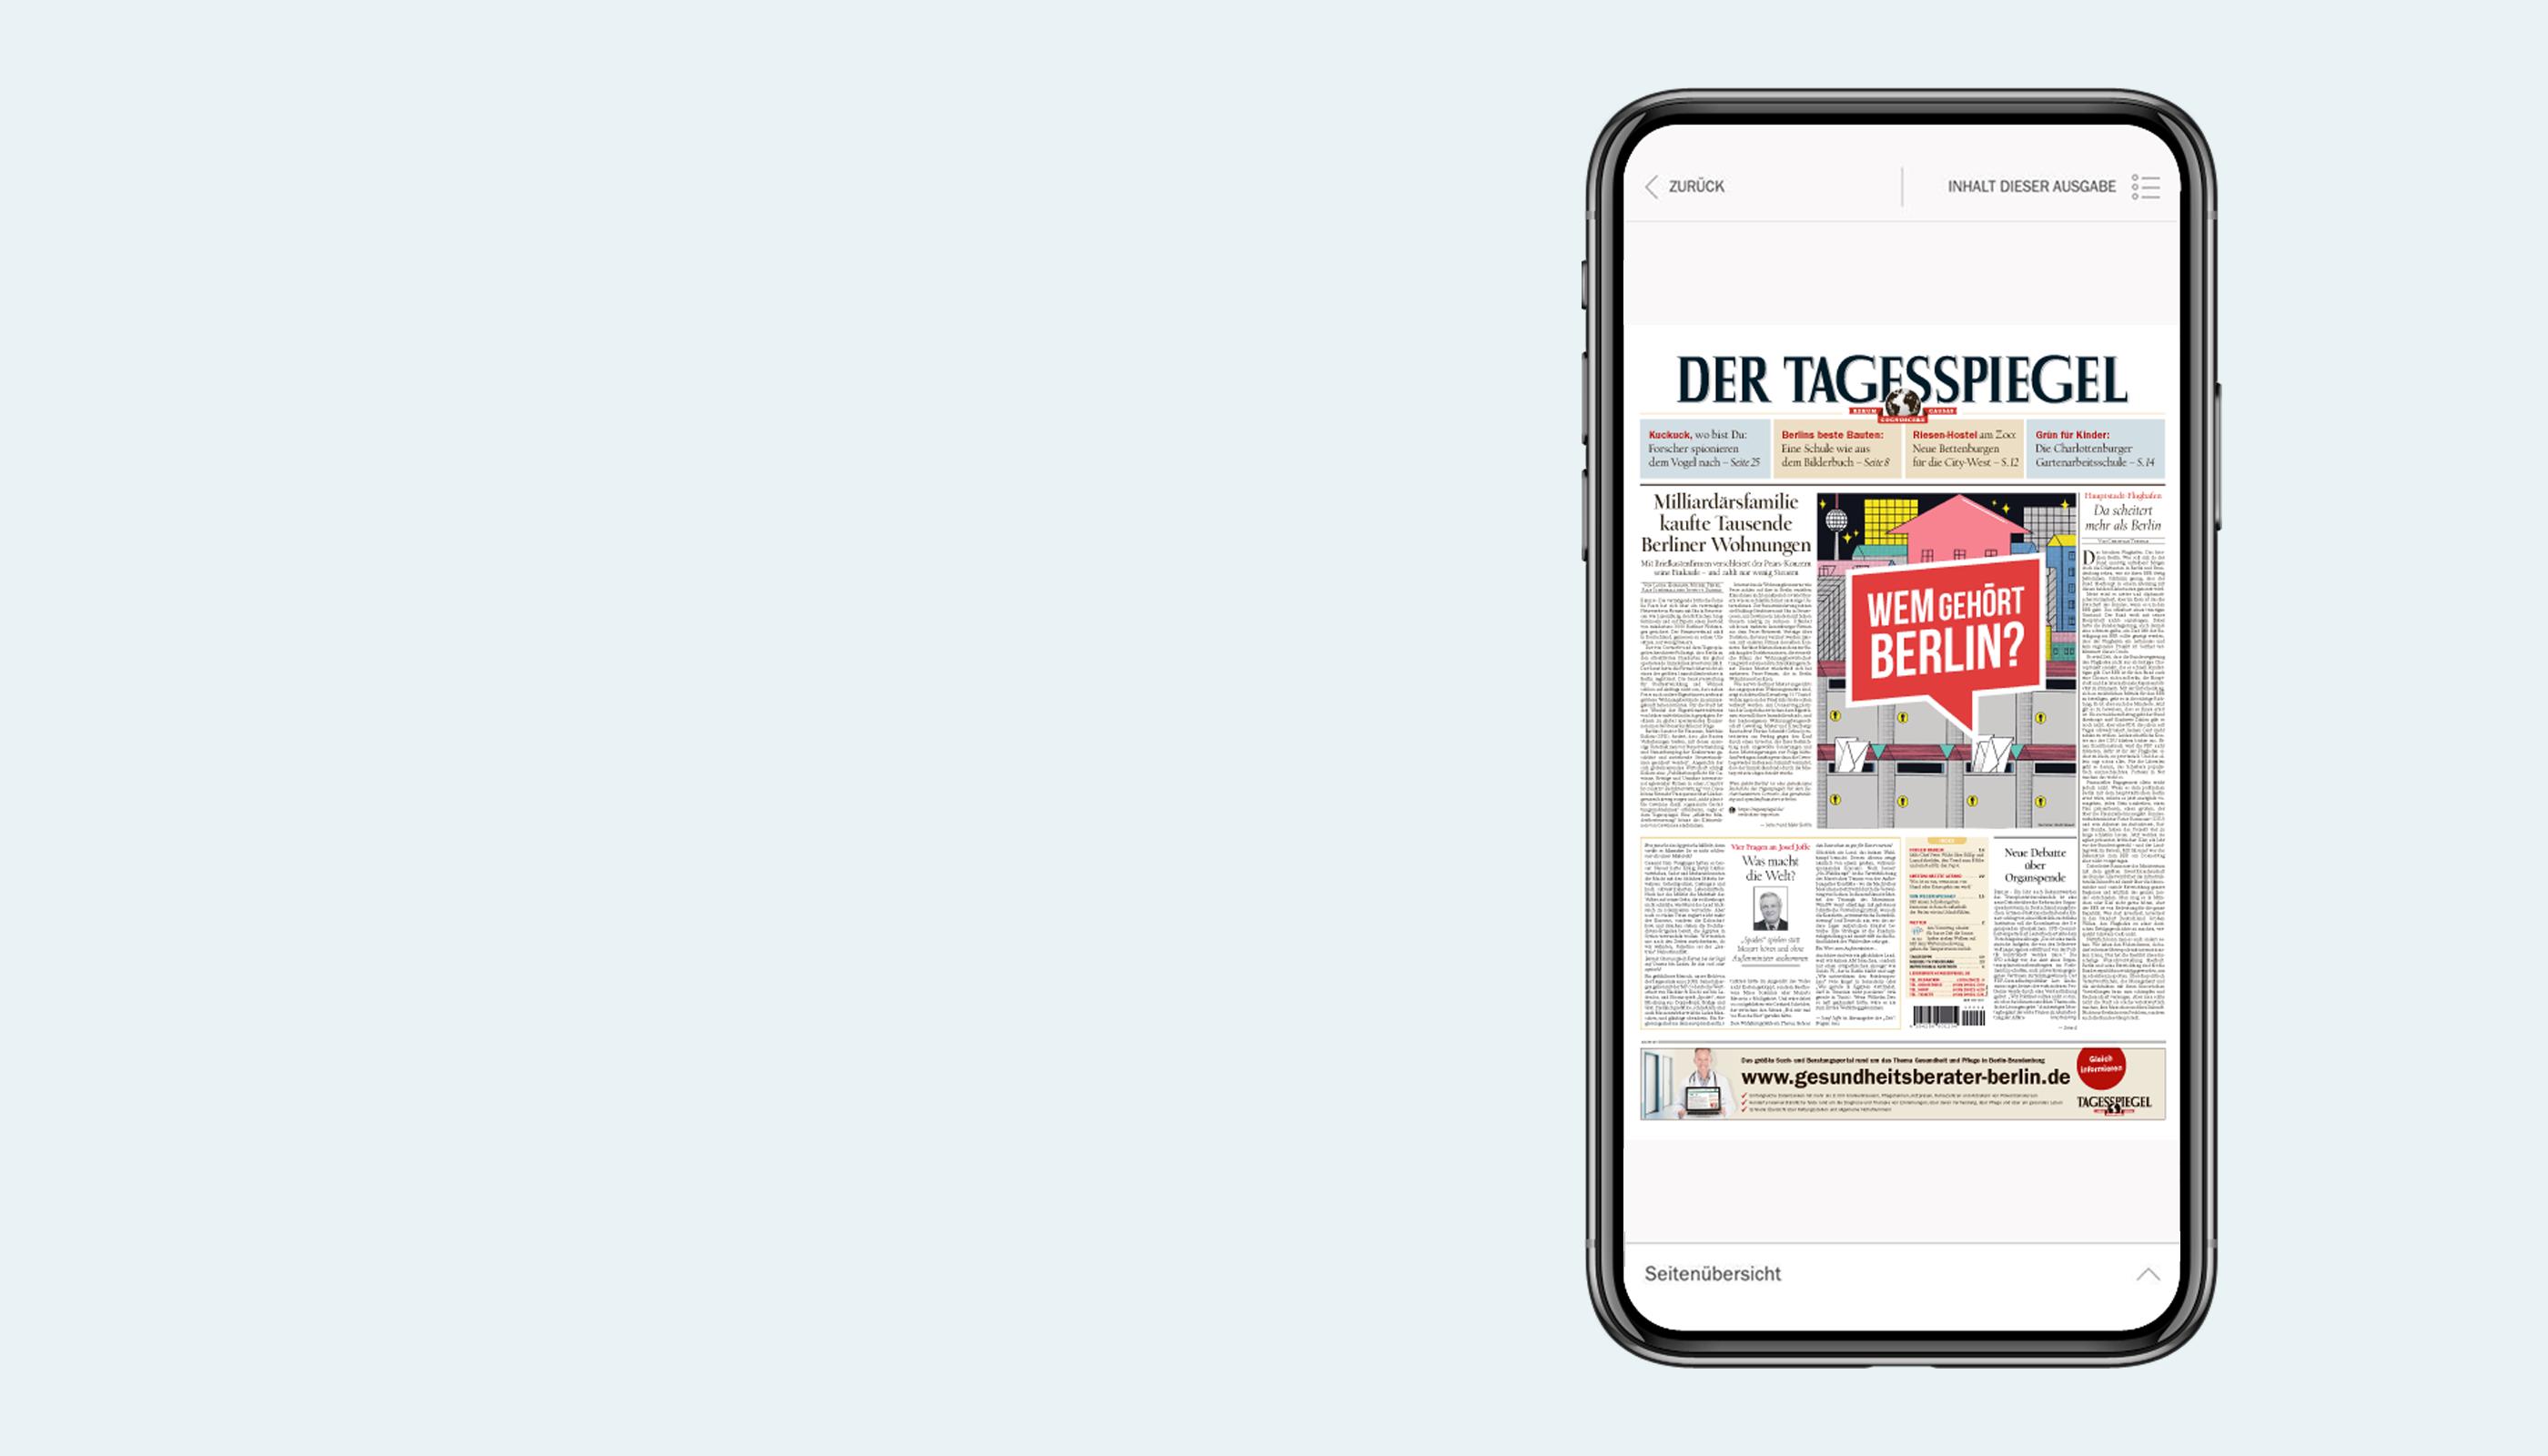 Der Tagesspiegel als digitale Zeitung